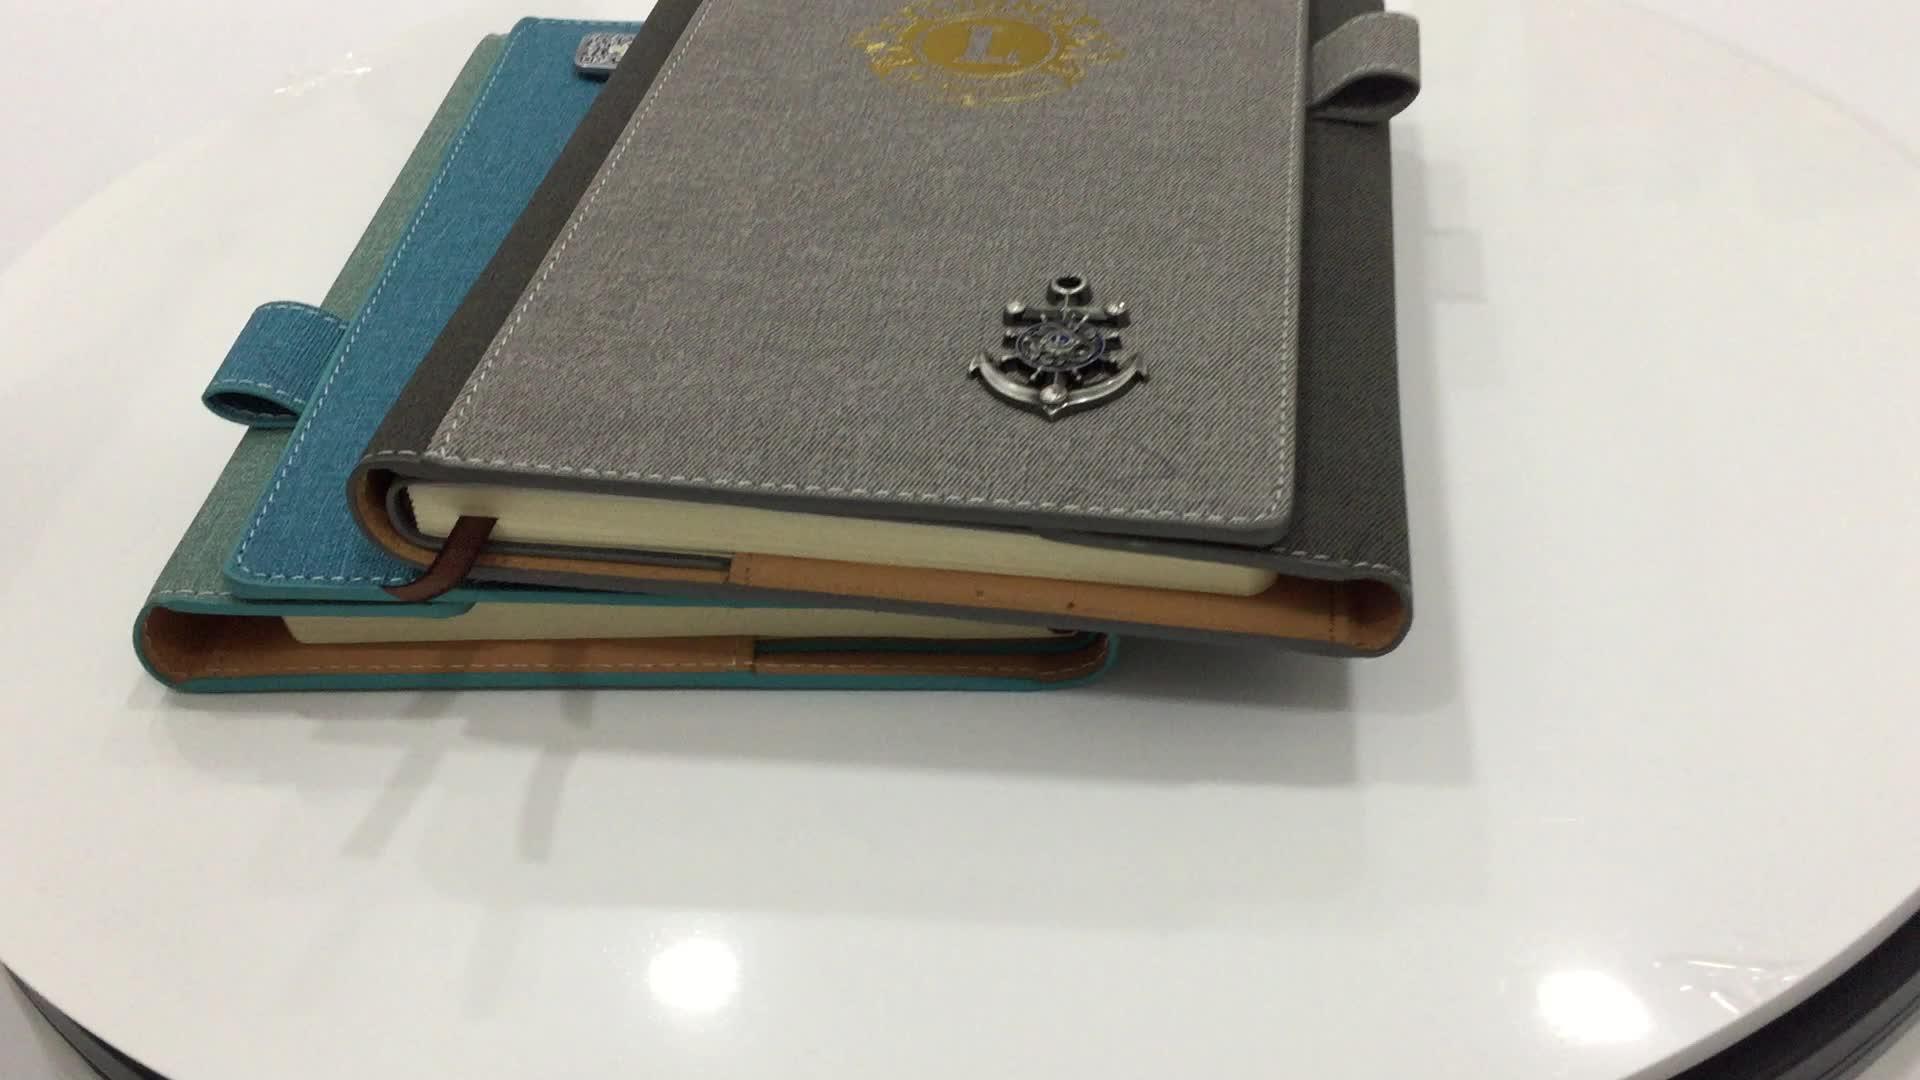 Feitos sob encomenda baratos livro diário notebook impressão na China A5 caderno de bolso capa de couro